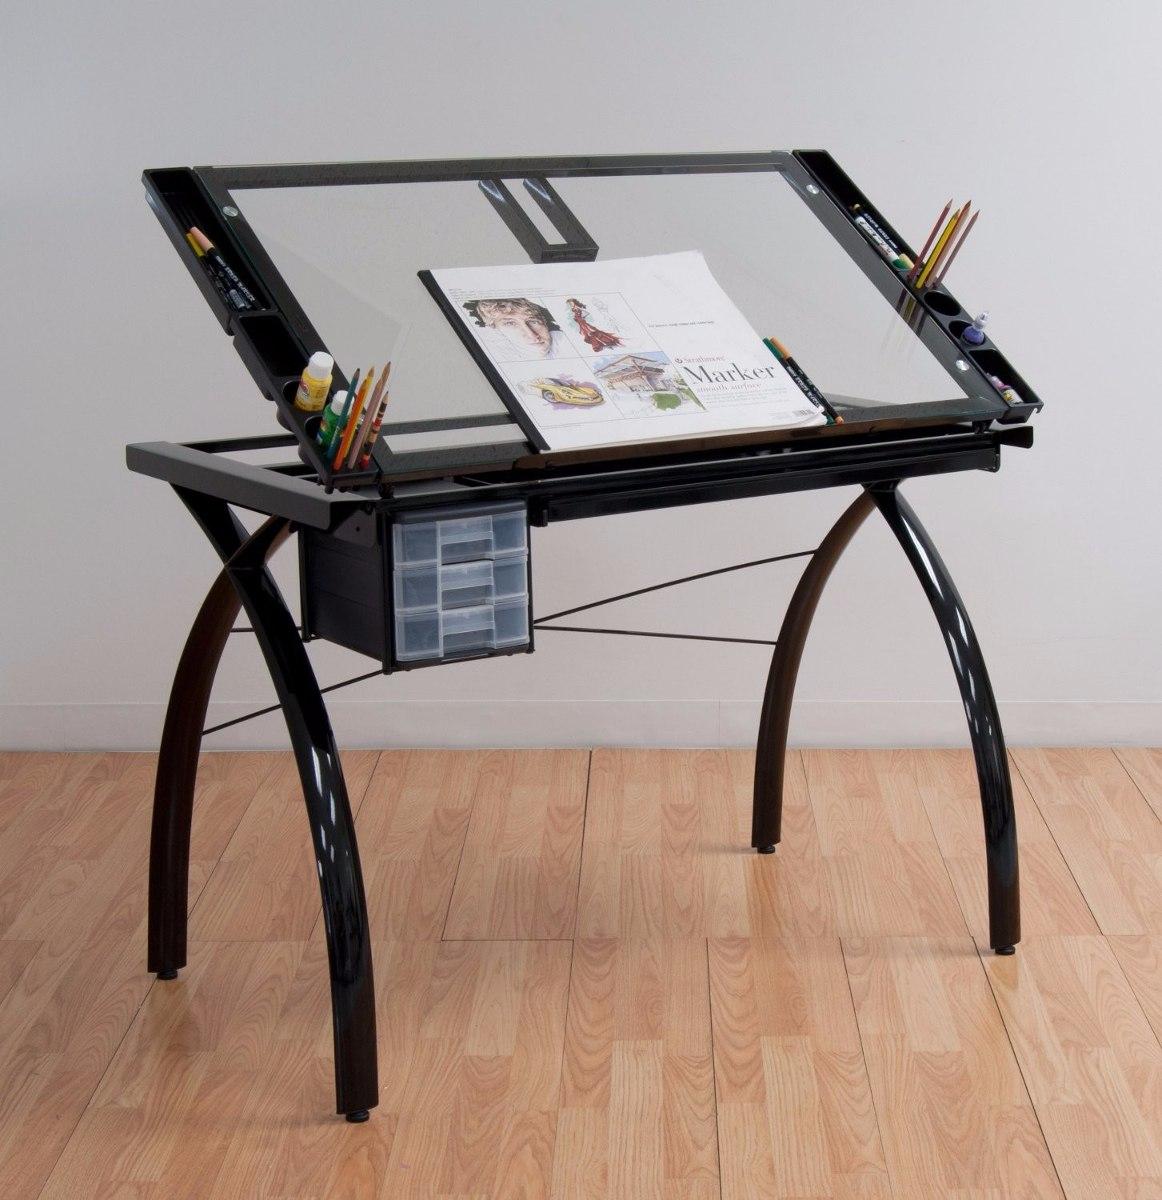 Mesa dibujo escritorio cristal templado restirador negro for Mesa de luz para dibujo